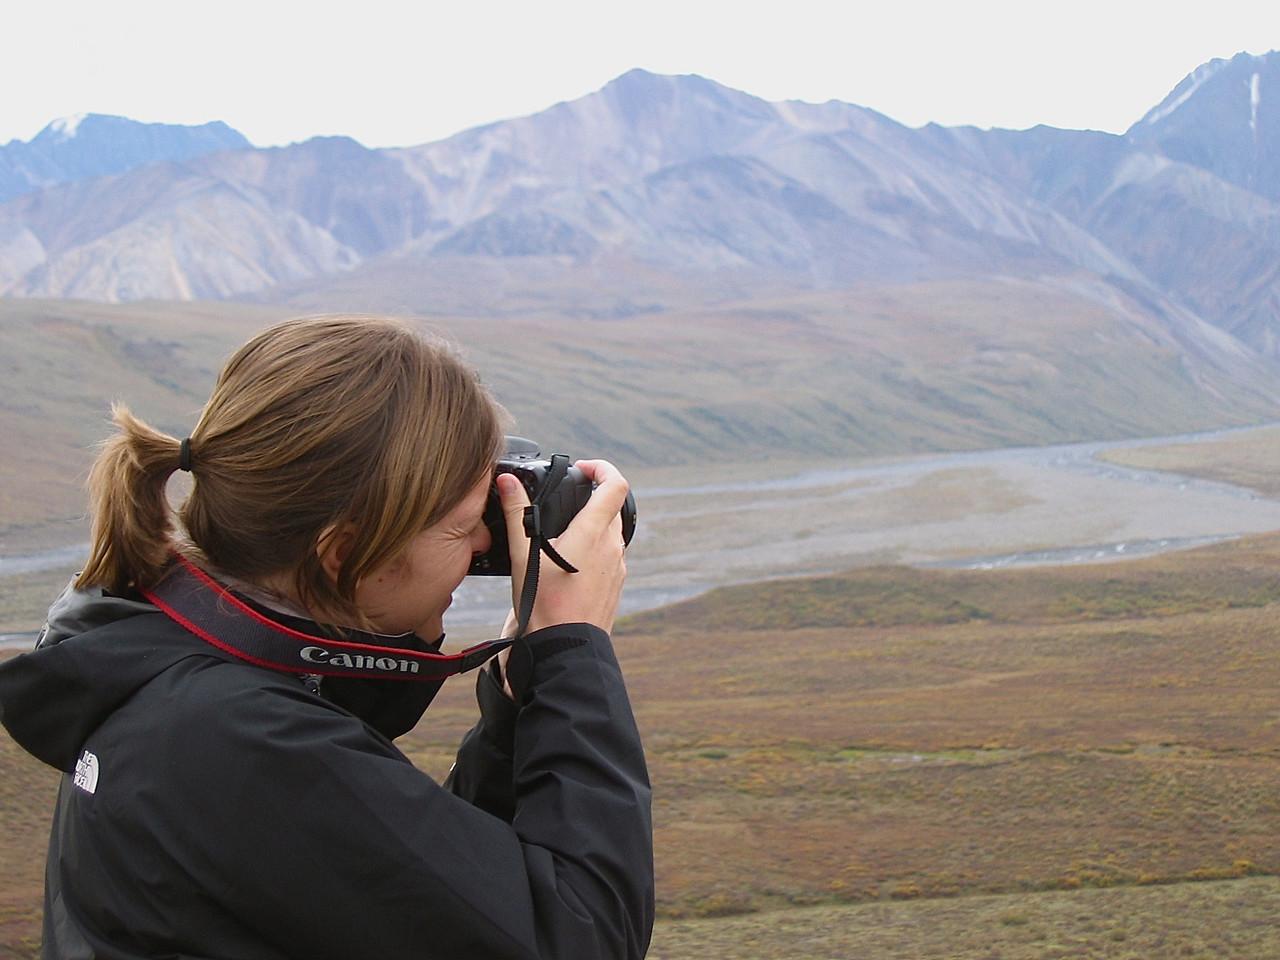 Polychrome Mountain wordt vastgelegd, Alaska.